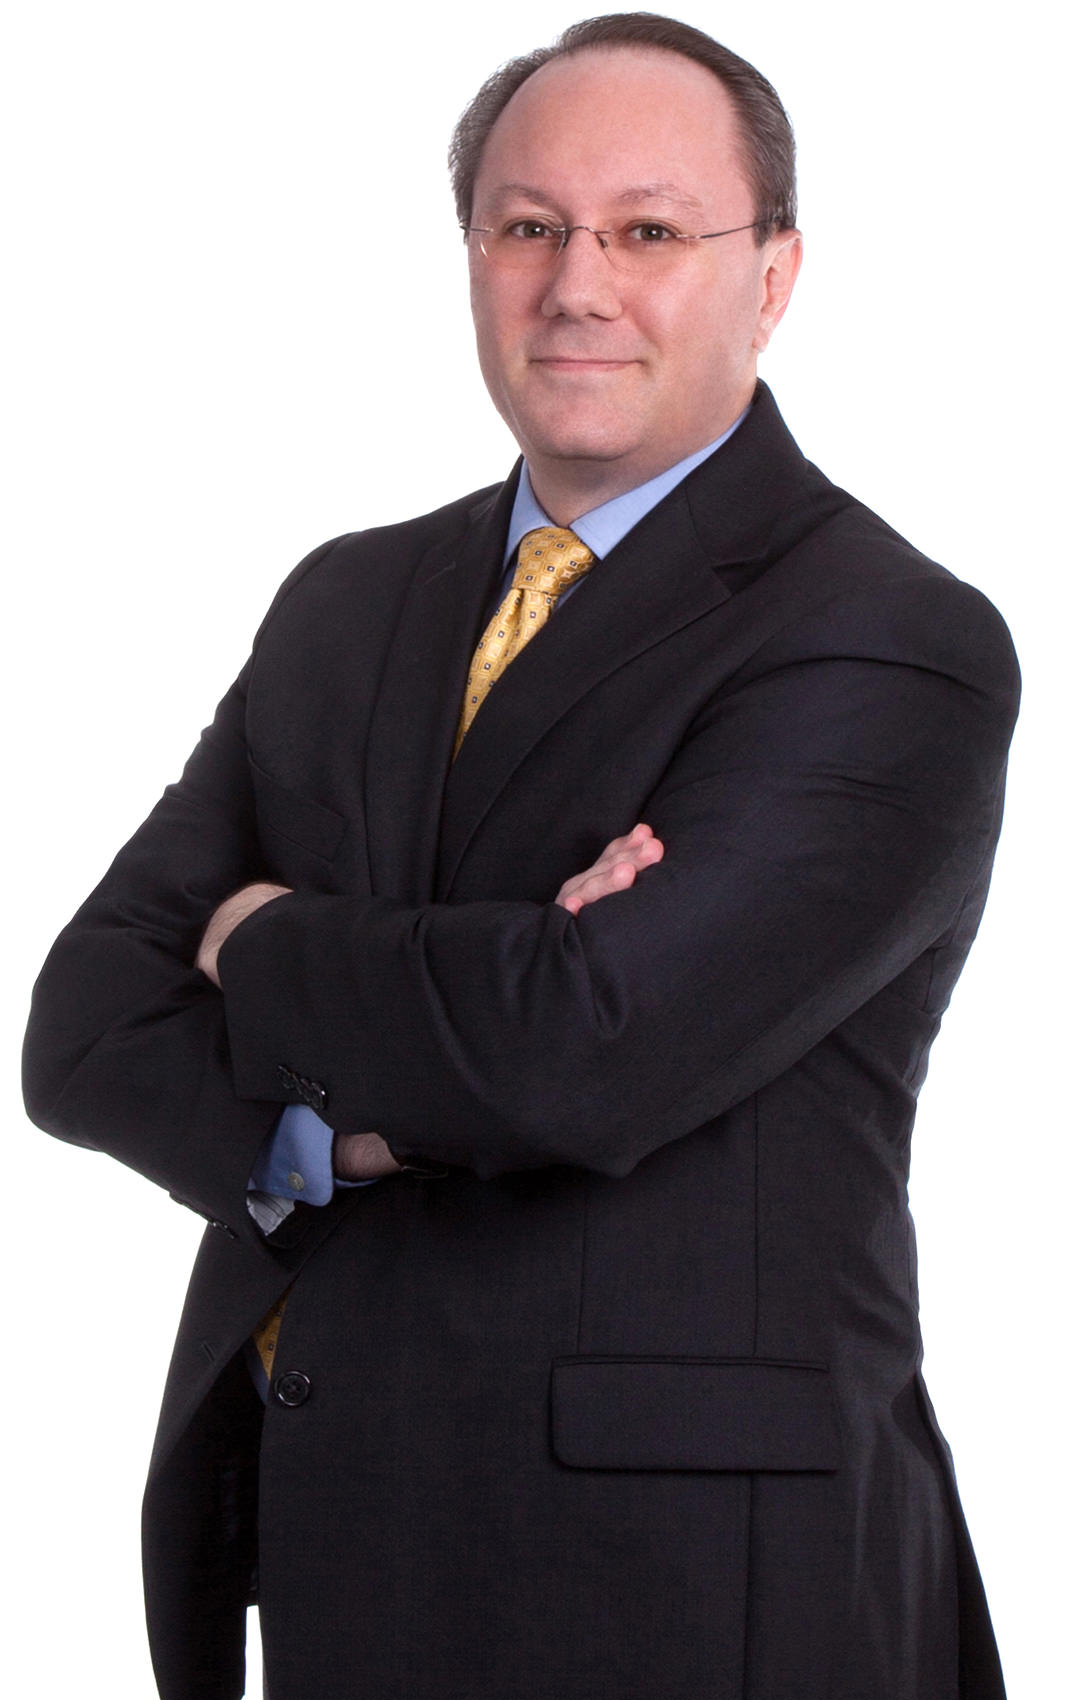 Reed J. Hollander